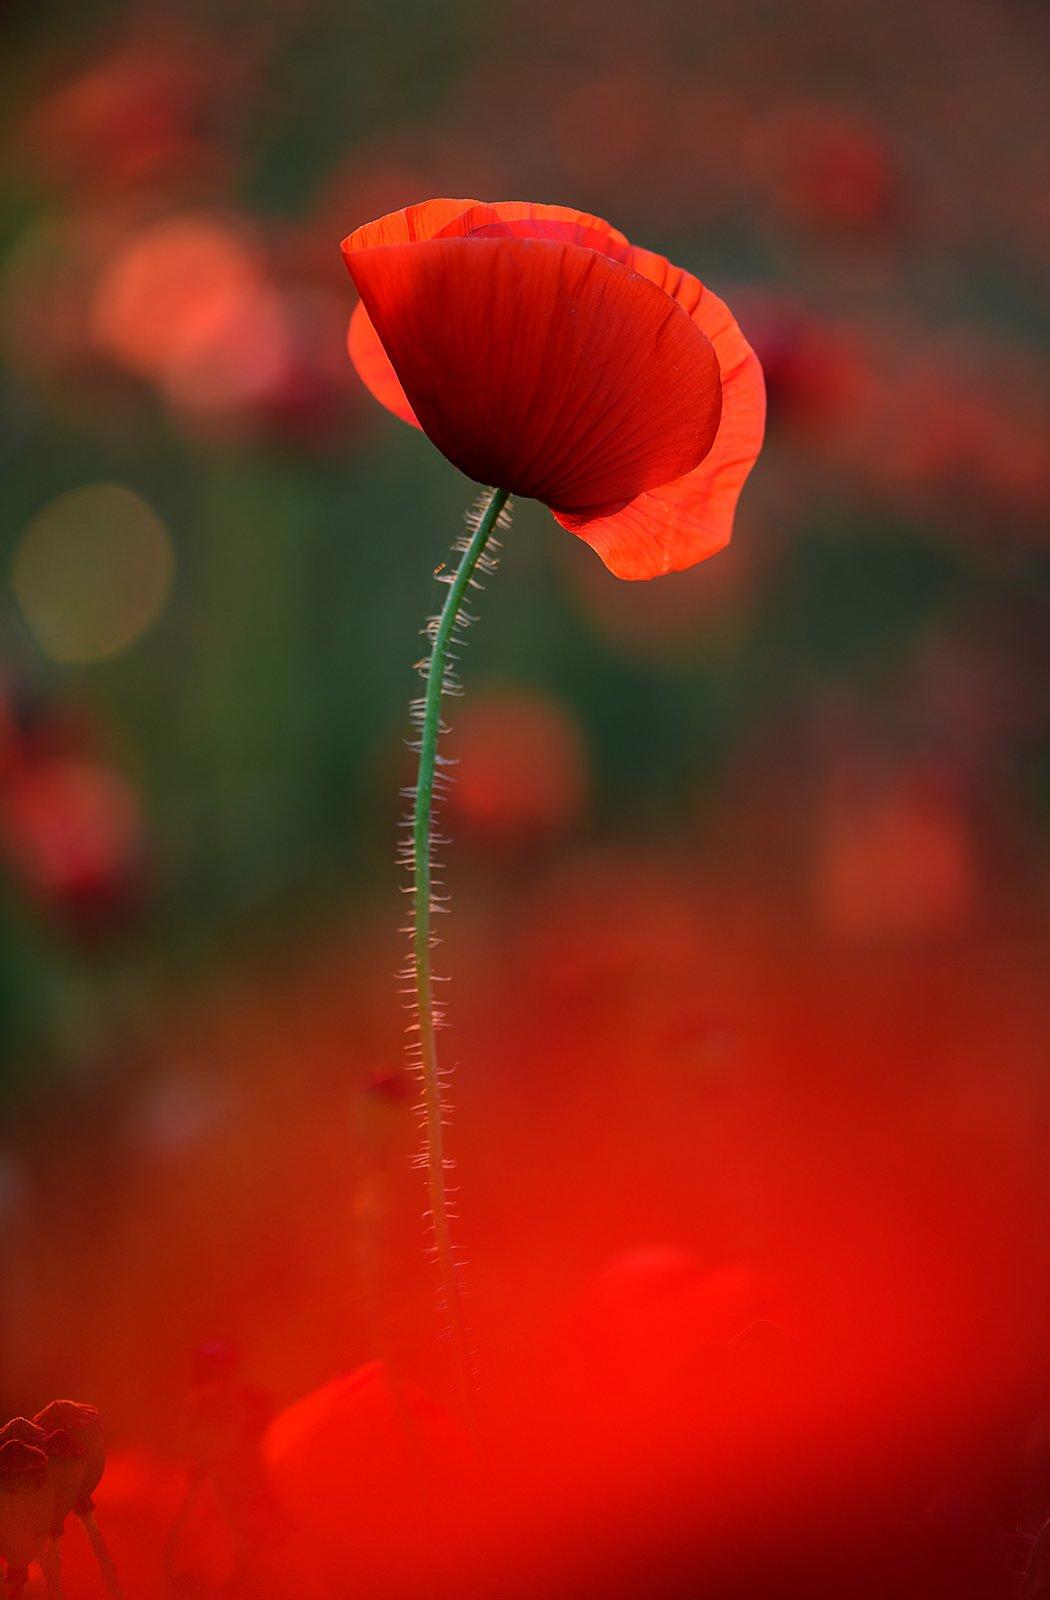 цветок мак флора красный закат контровый свет зеленый, Алёна Шевцова